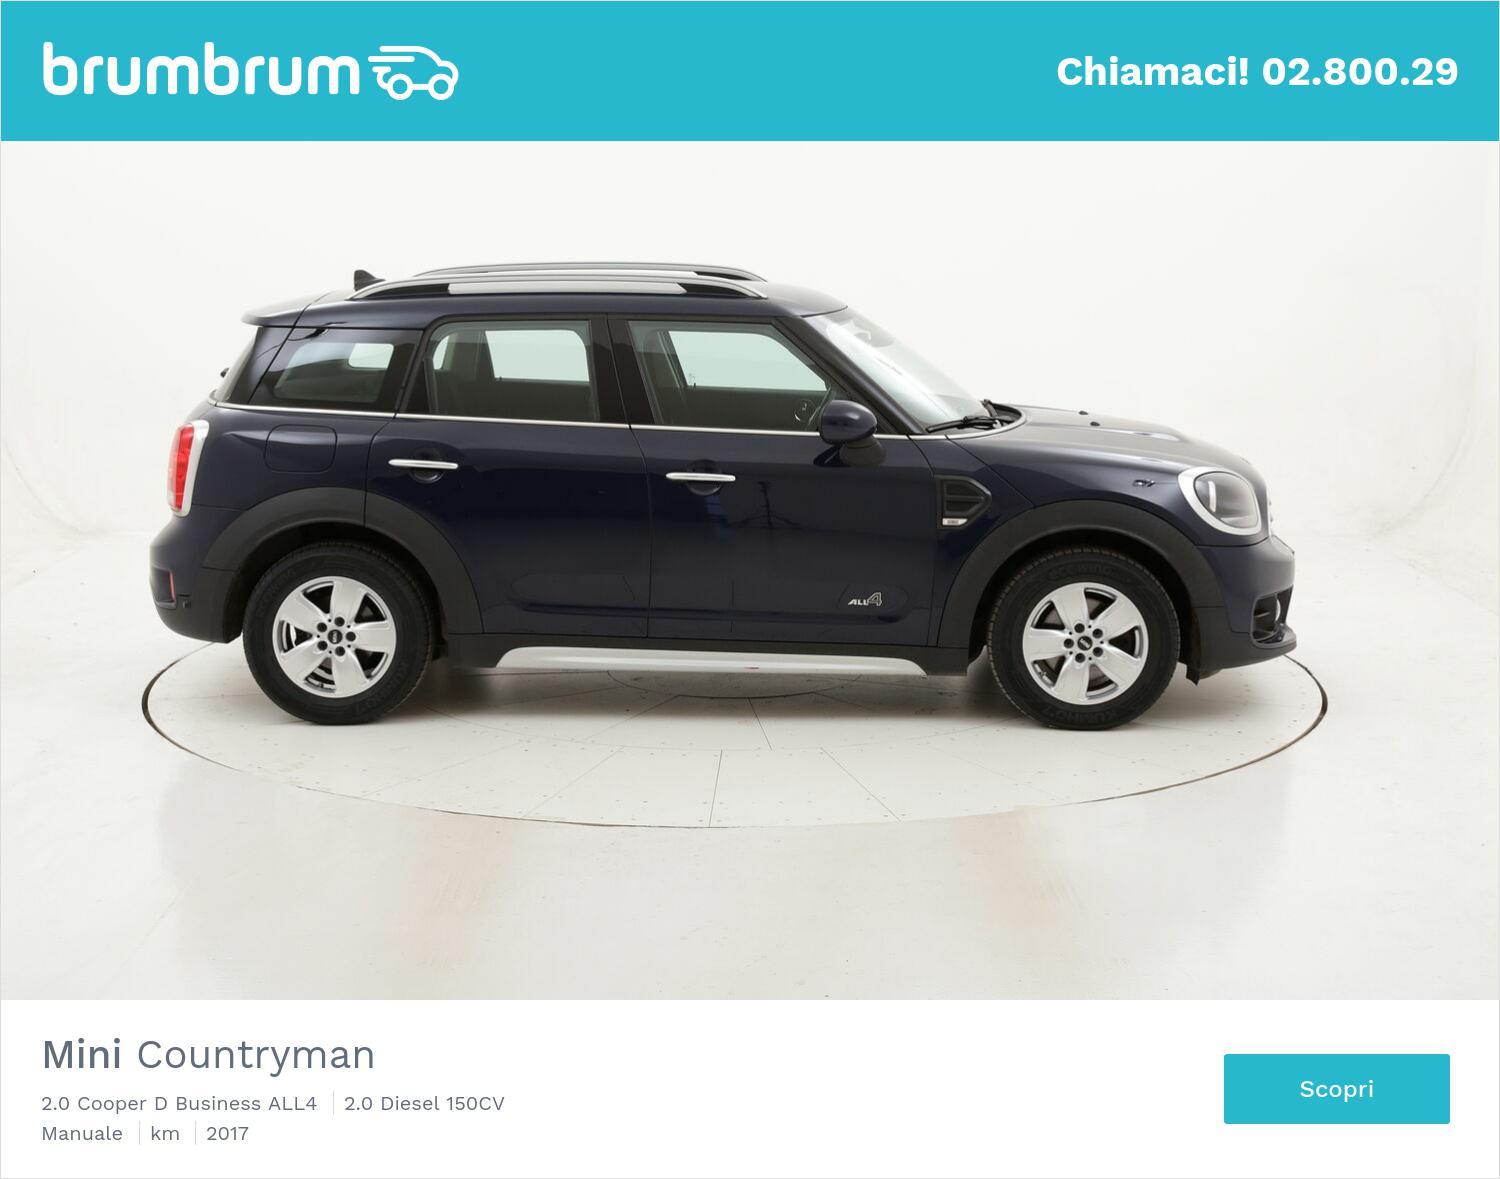 Mini Countryman 2.0 Cooper D Business ALL4 usata del 2017 con 77.325 km | brumbrum